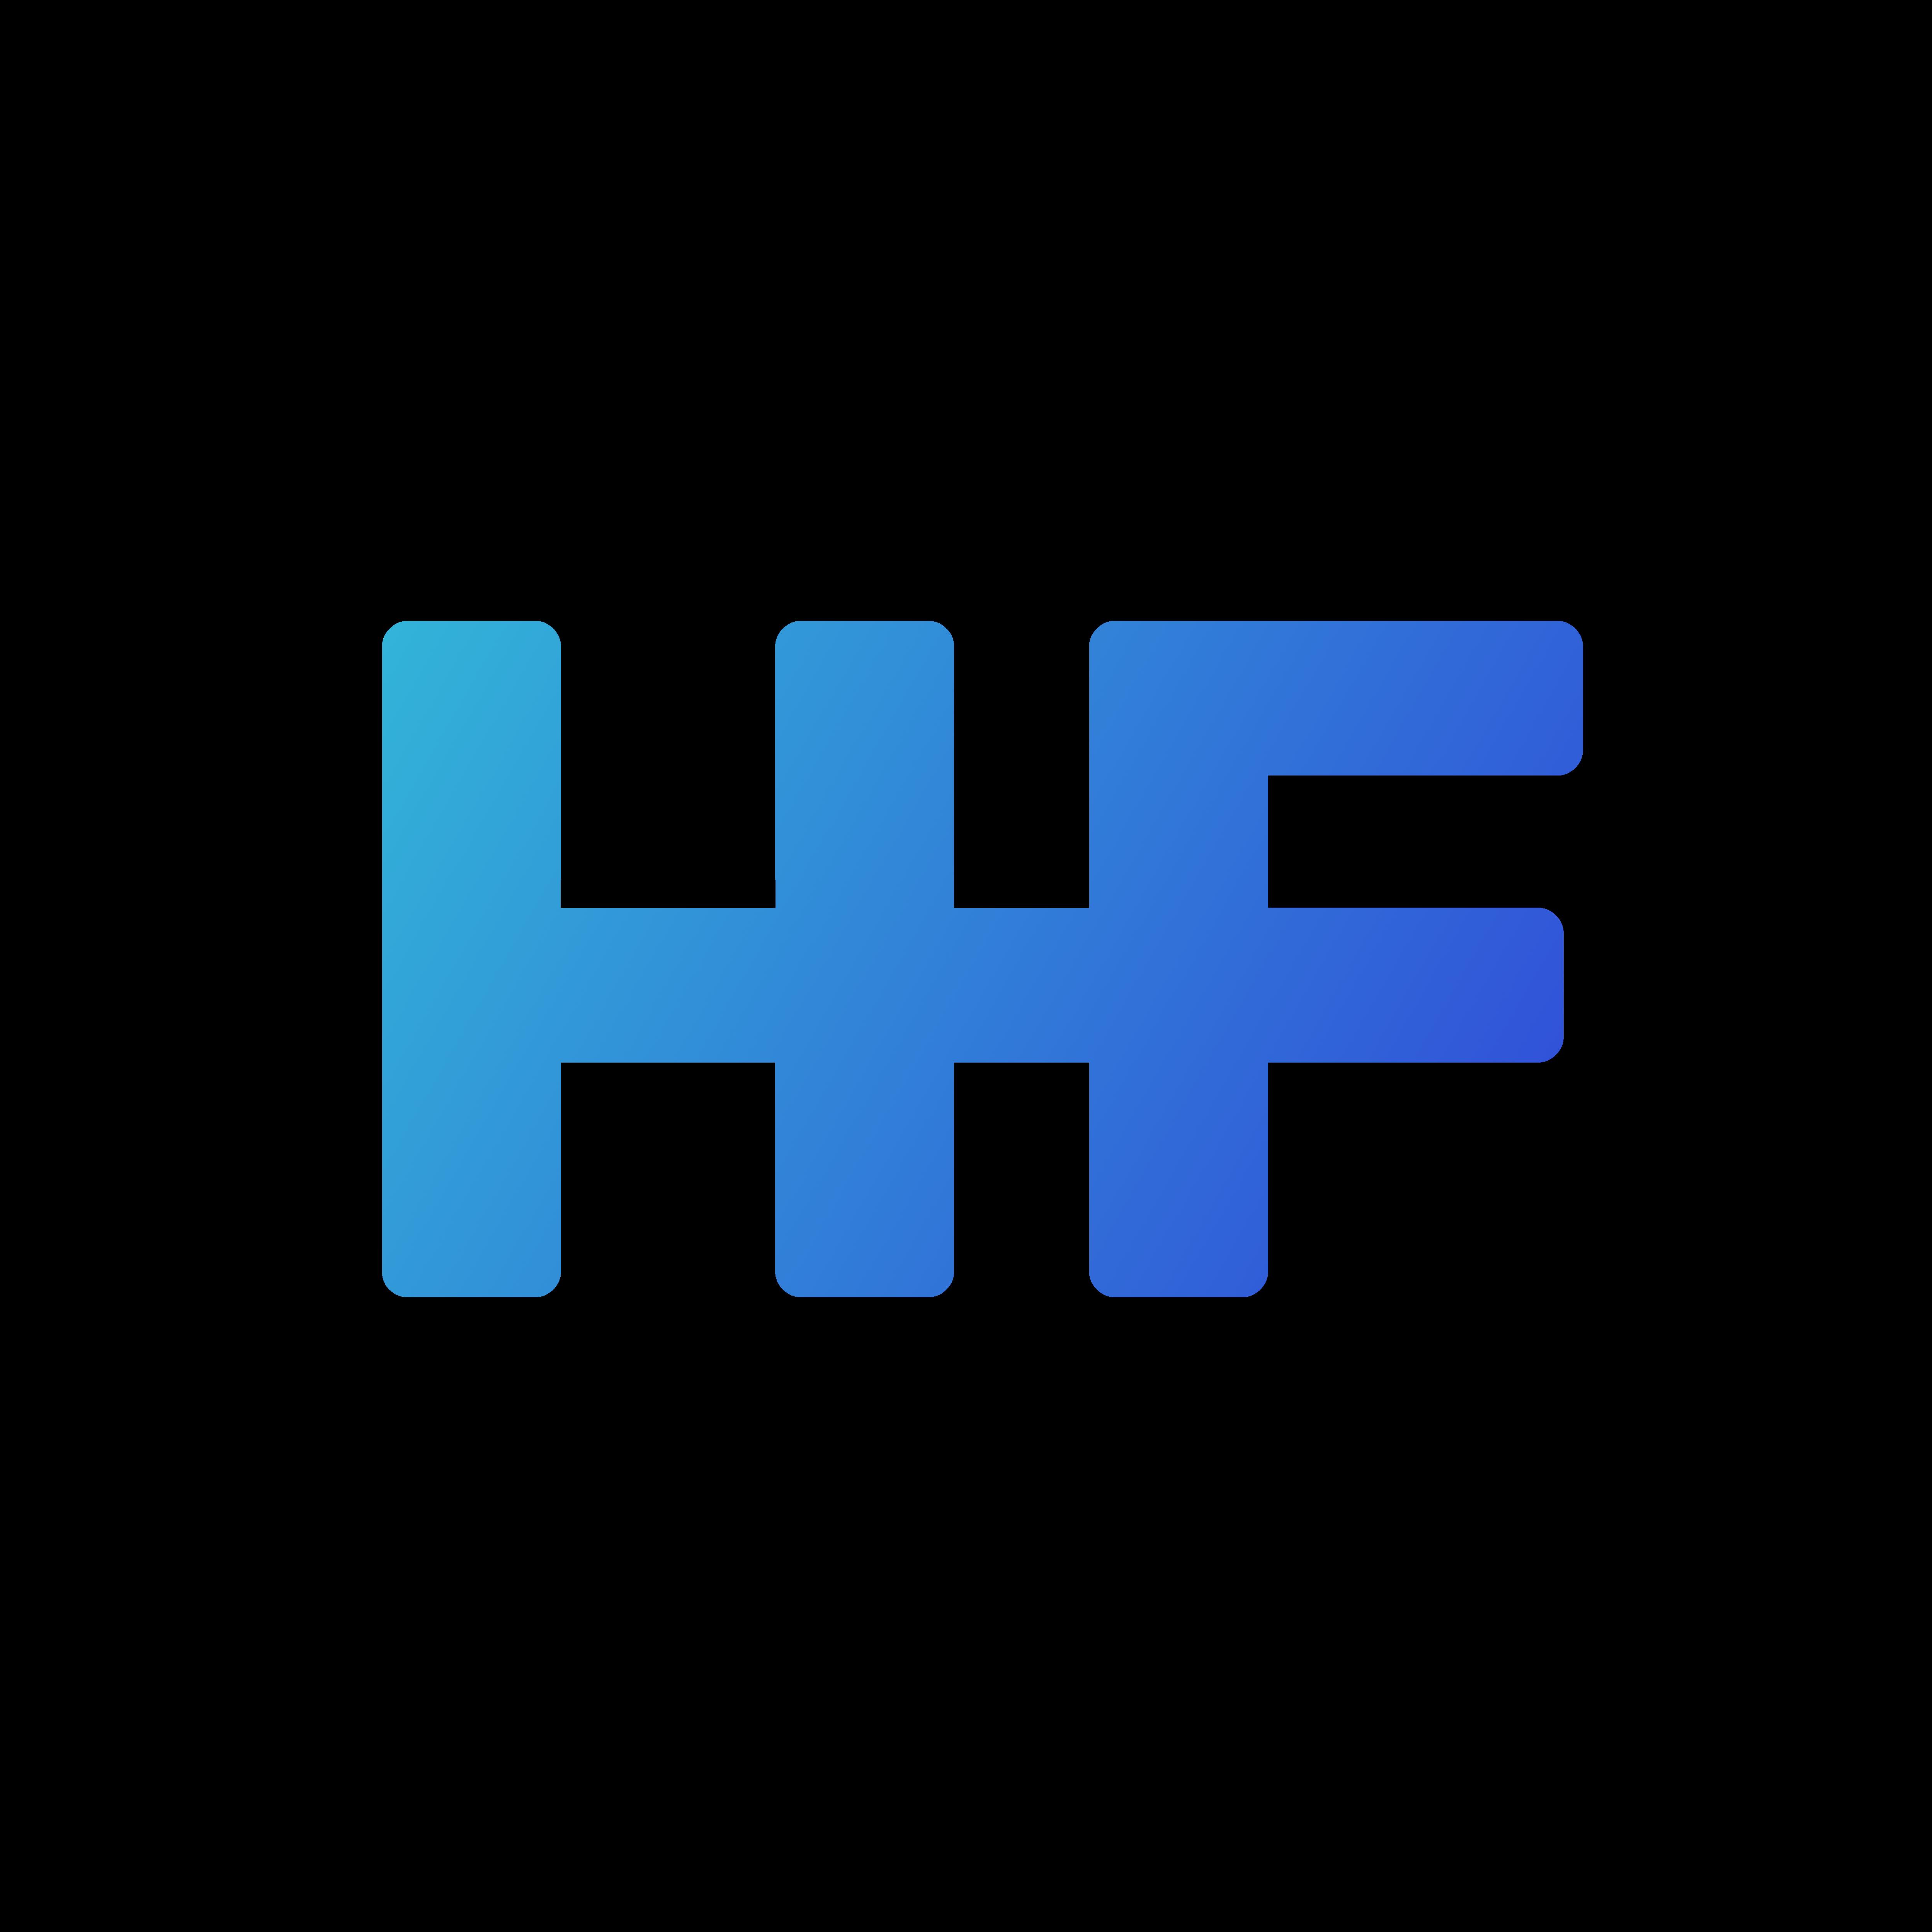 HiberFile